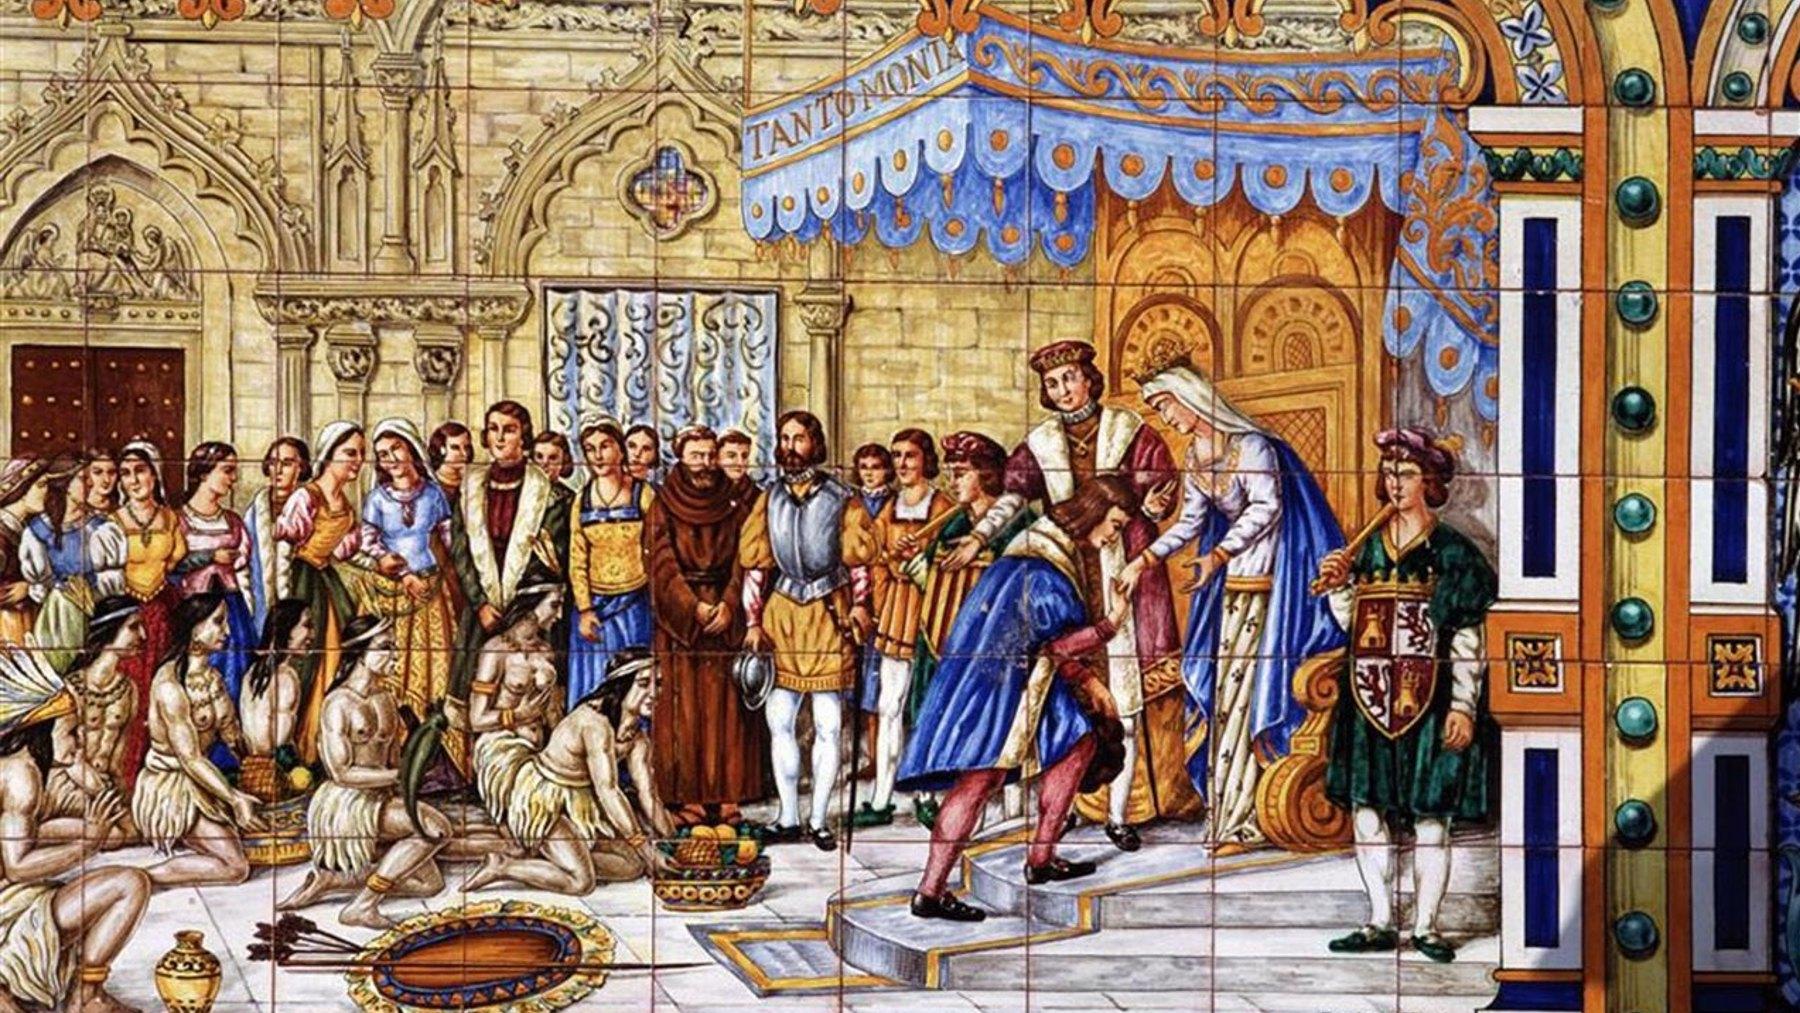 Los Reyes Católicos recibiendo a Cristóbal Colón en Barcelona en 1493